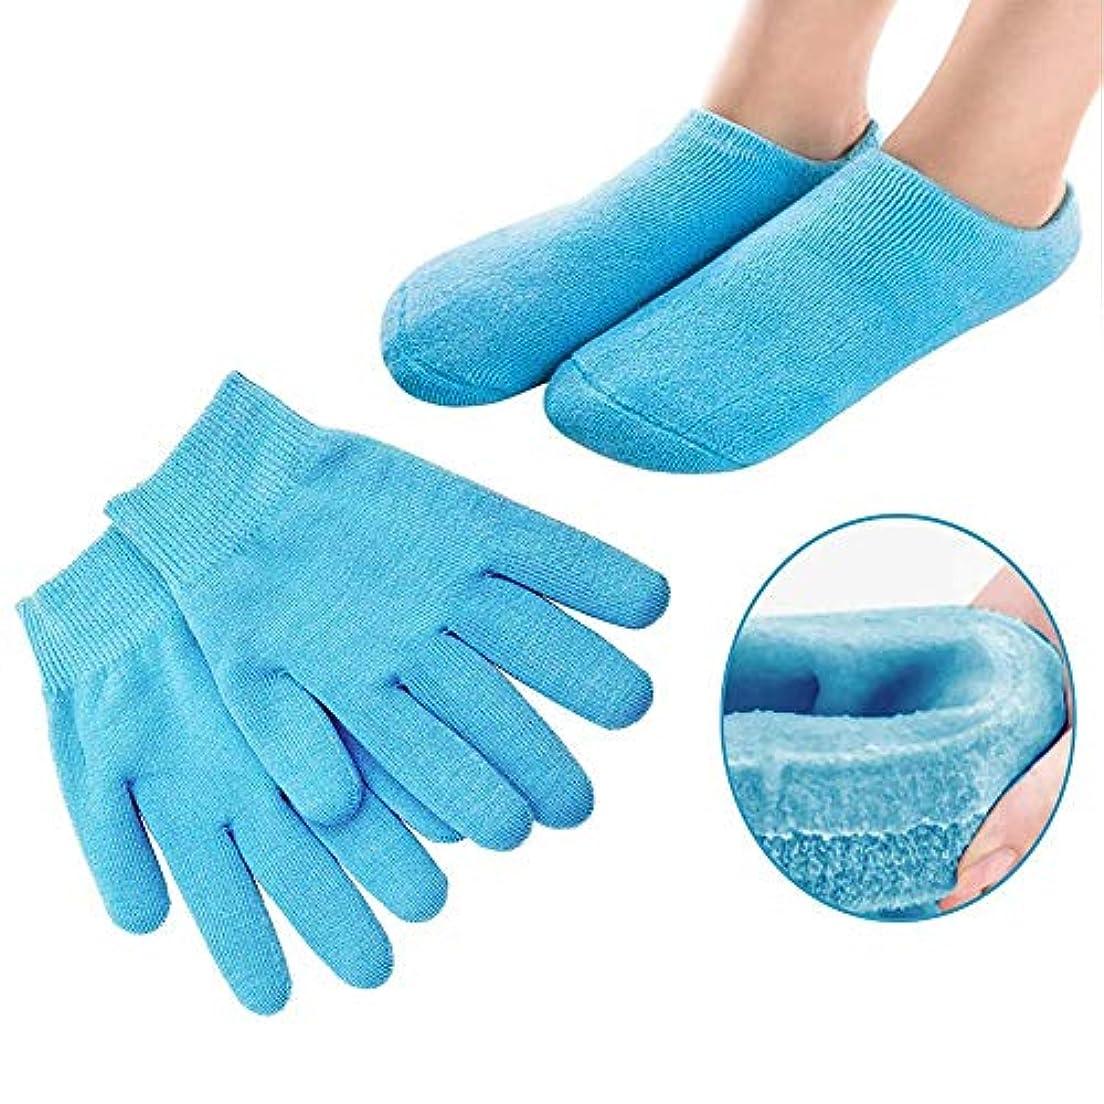 一晩処理ビジネスPinkiou 眠る森のSPAジェルグローブ+SPAジェルソックス 手アグローブ フットケアソックス 角質取り 保湿 かかとケア オープントゥ 素肌美人 靴下と手袋セット いいお肌になりましょう(ブルー)